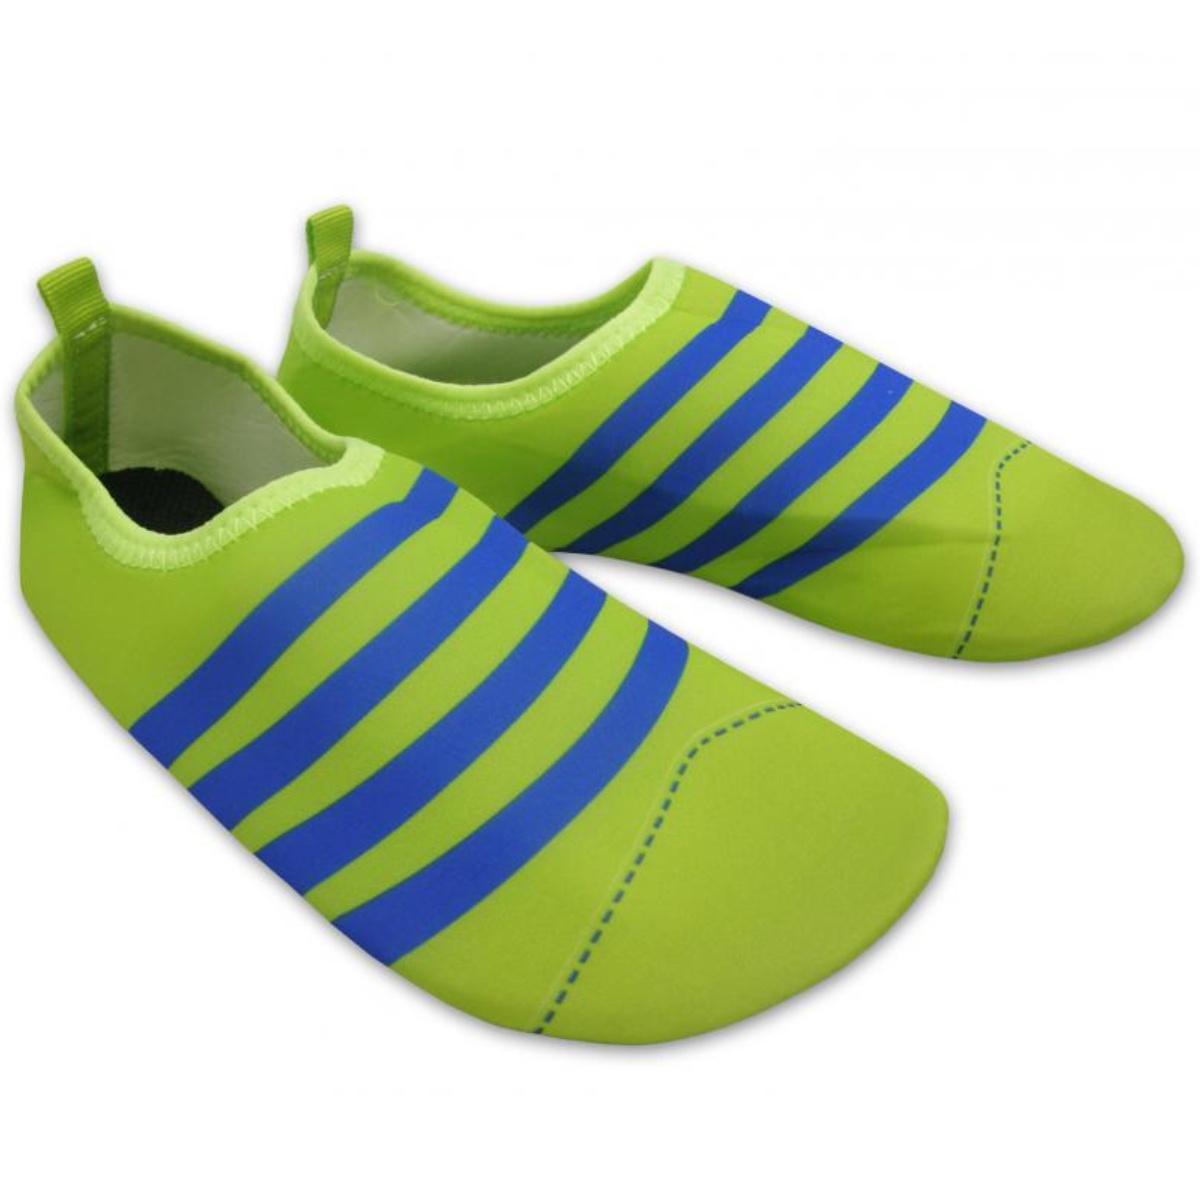 Topánky do vody SEDCO Strips zelené - veľ. 37-38